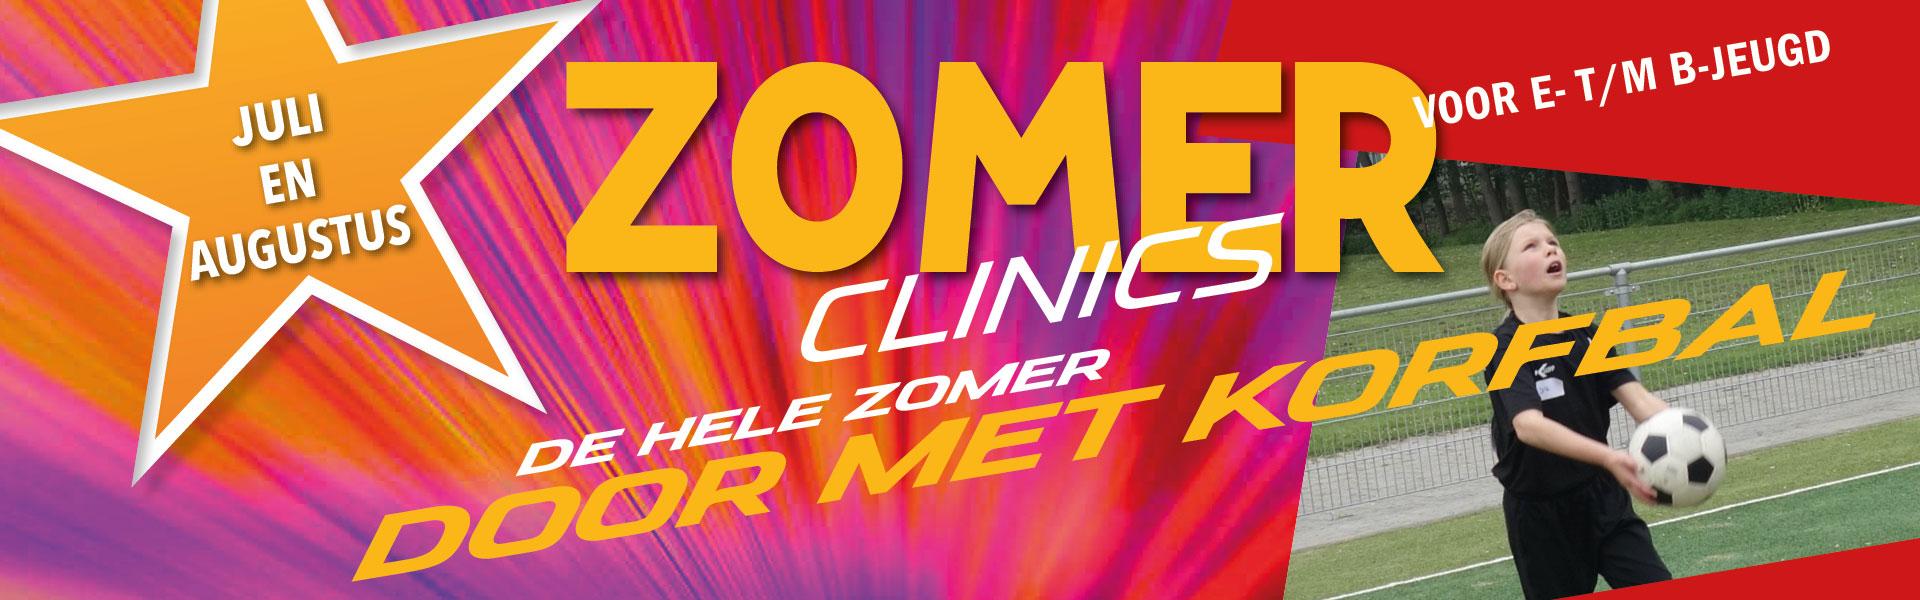 Zomerclinics-2020_korfbalstars